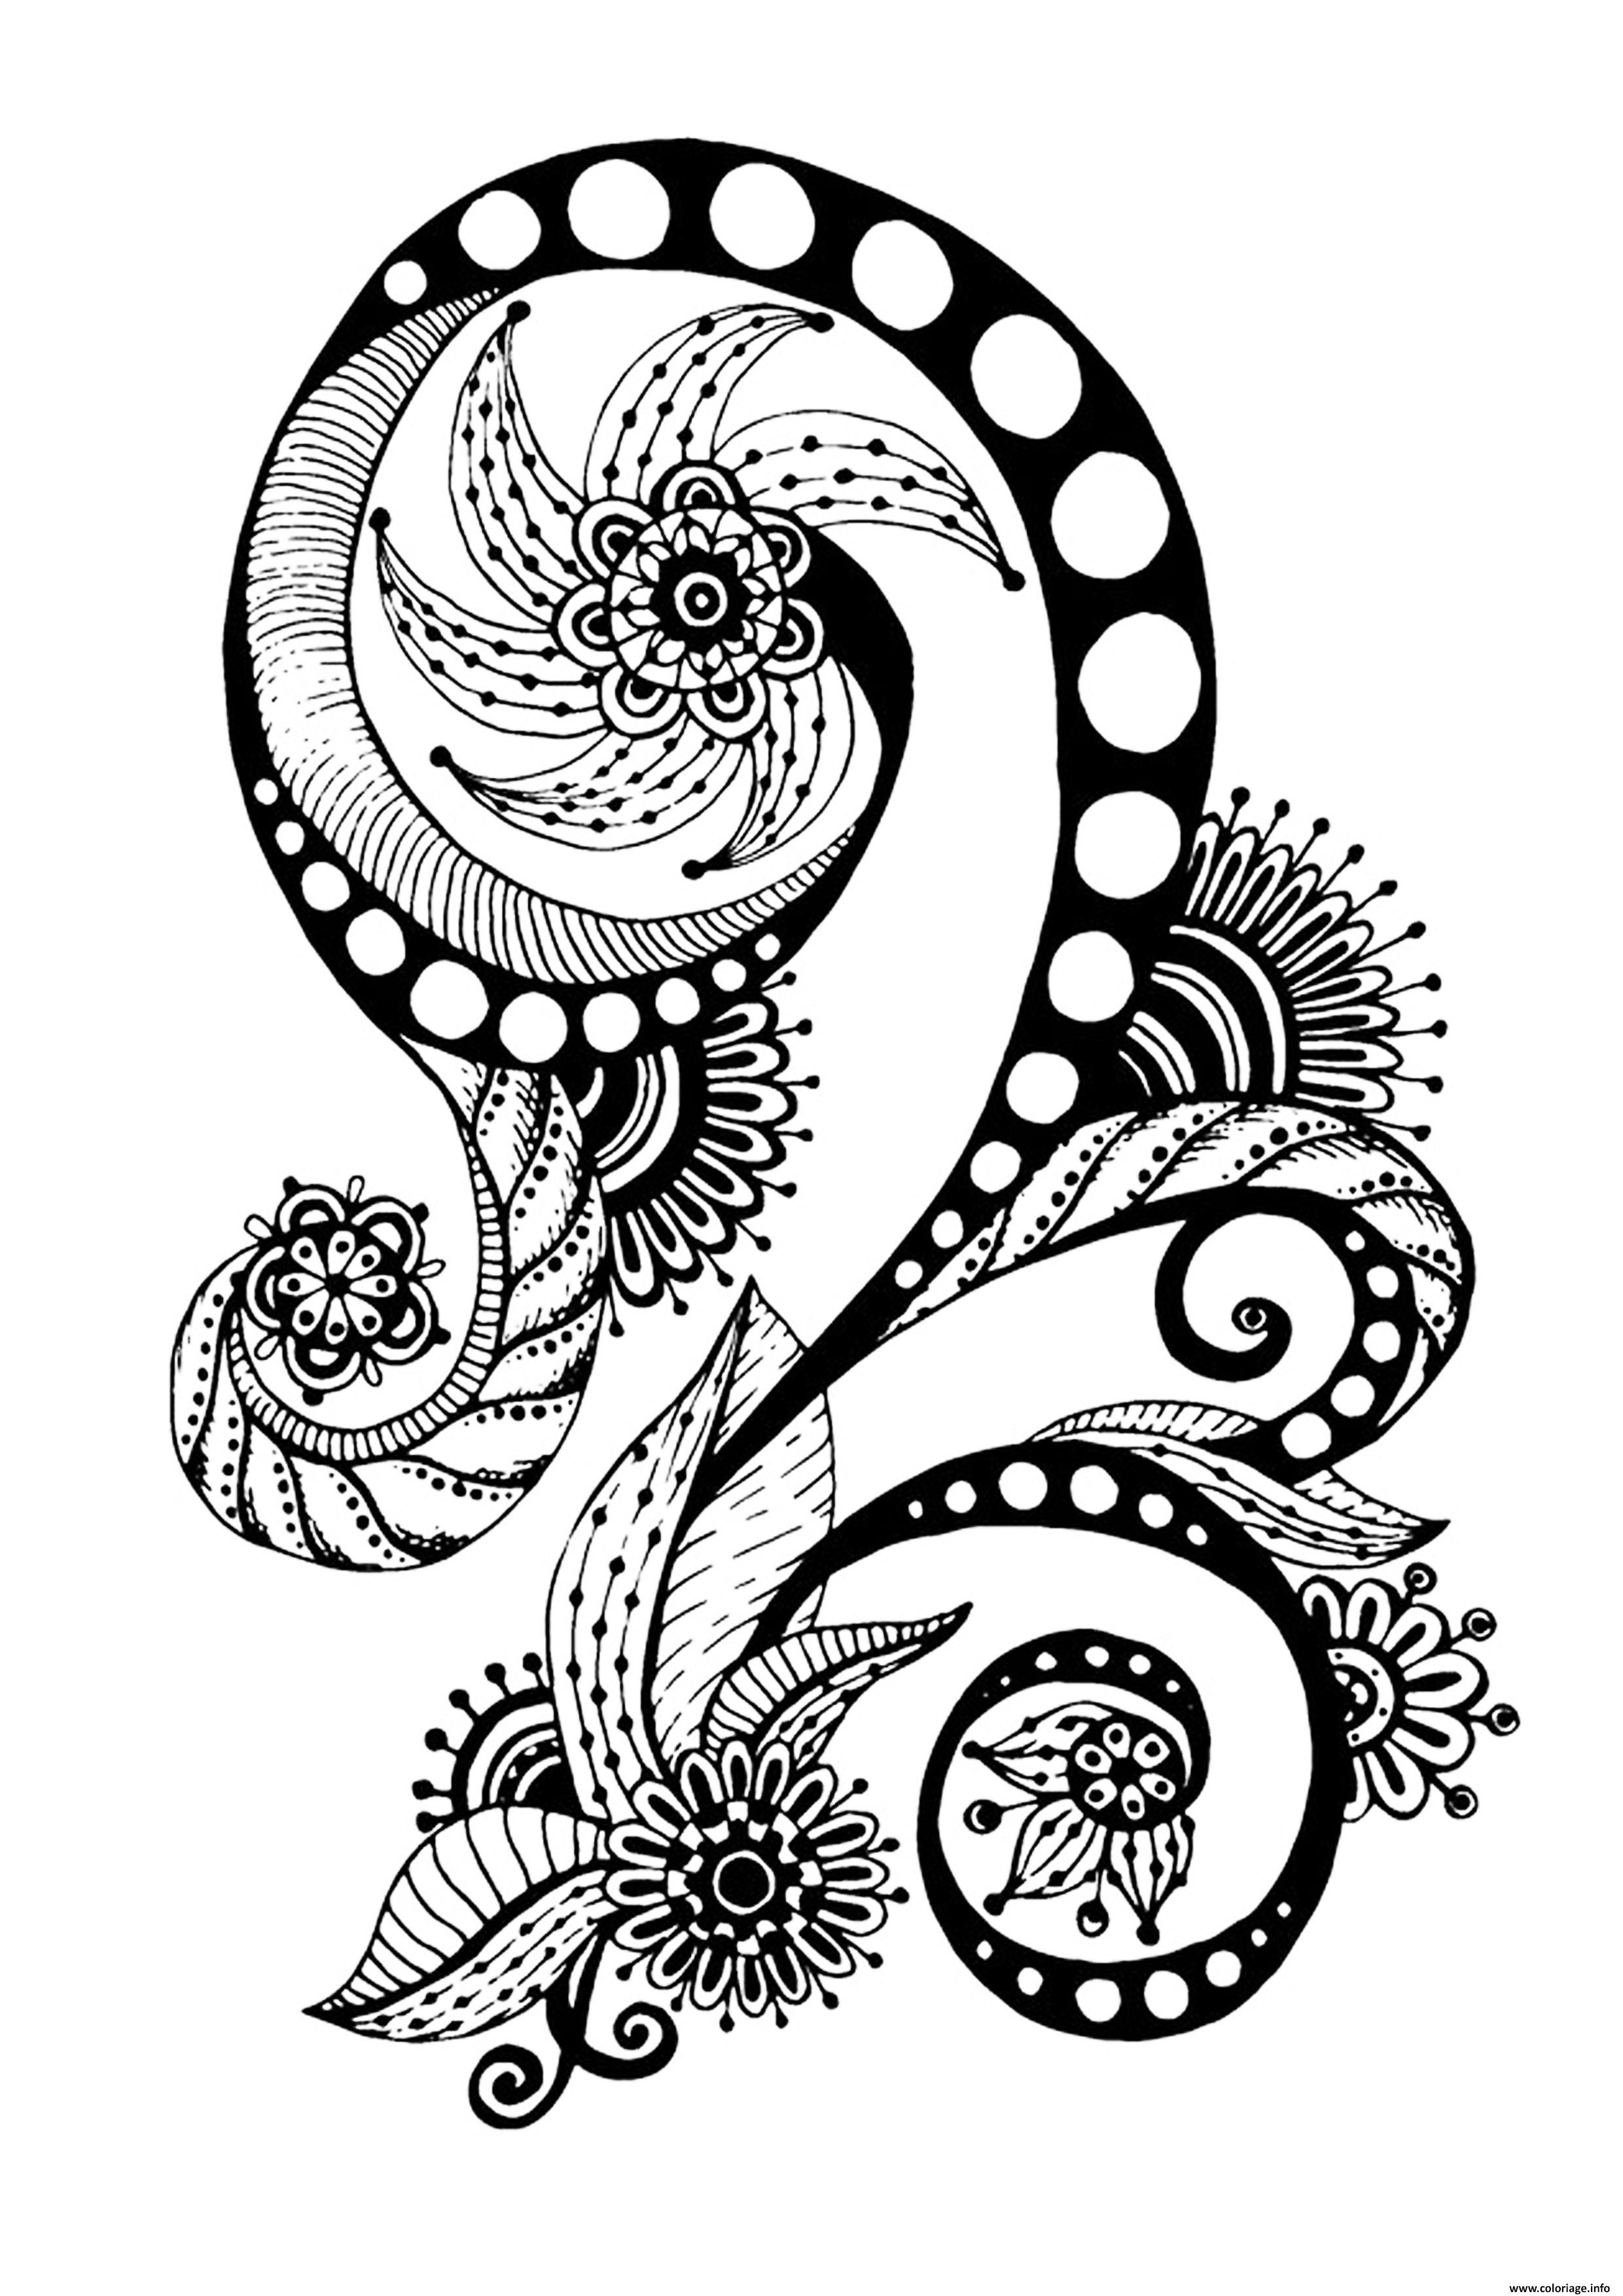 Dessin zen antistress motif abstrait inspiration florale 7 par juliasnegireva Coloriage Gratuit à Imprimer